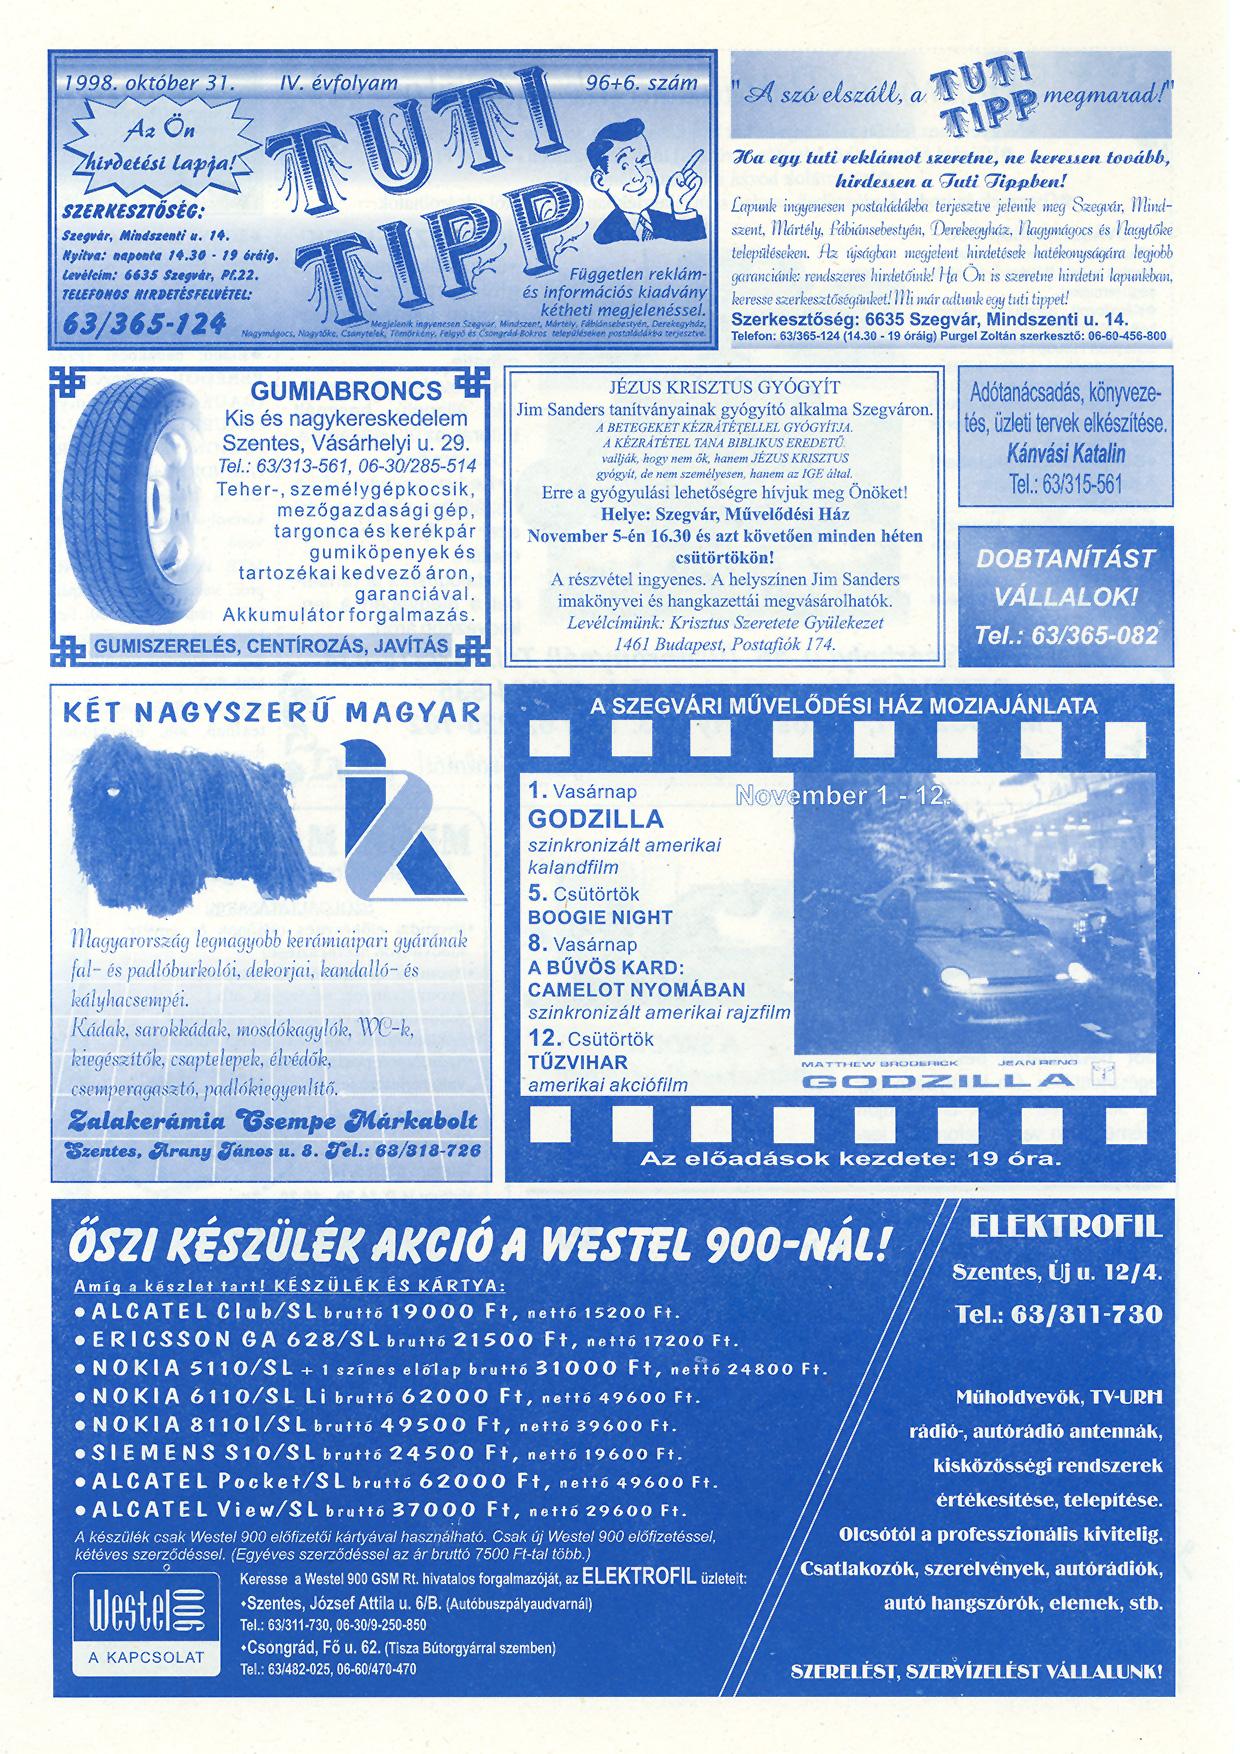 051 Tuti Tipp reklámújság - 19981031-096+006. lapszám - 1.oldal - IV. évfolyam.jpg